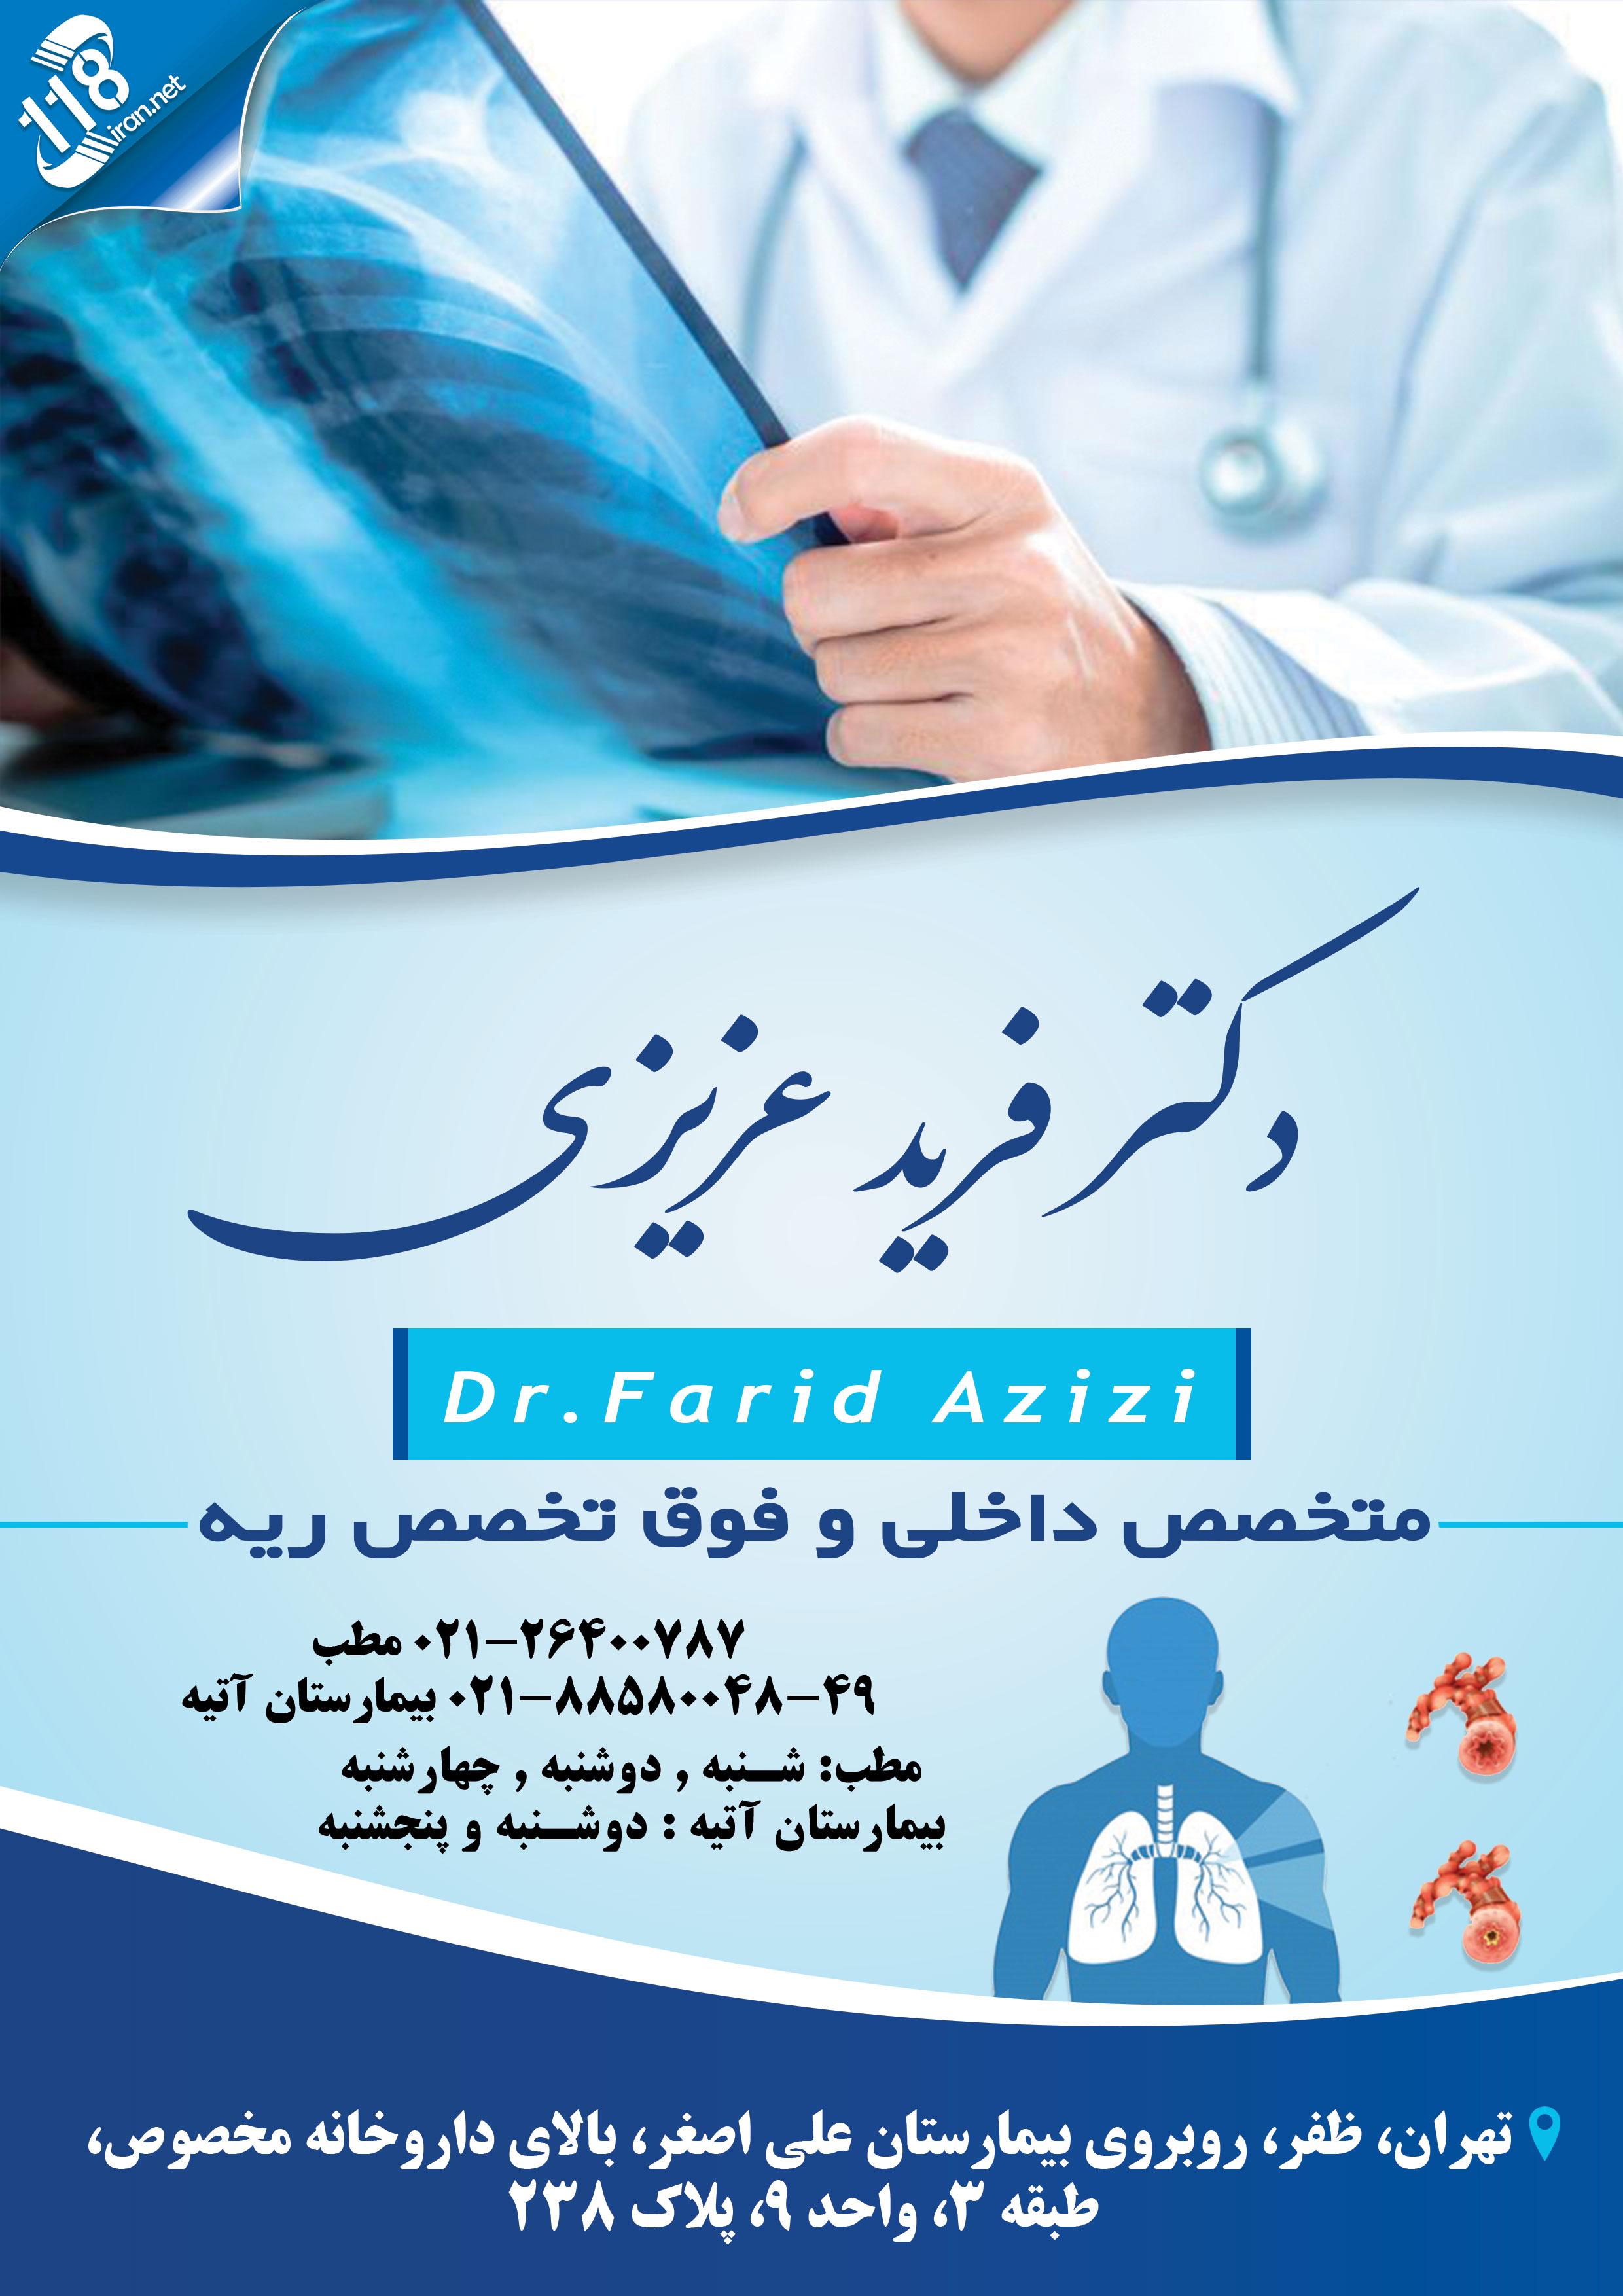 دکتر فرید عزیزی فوق تخصص ریه